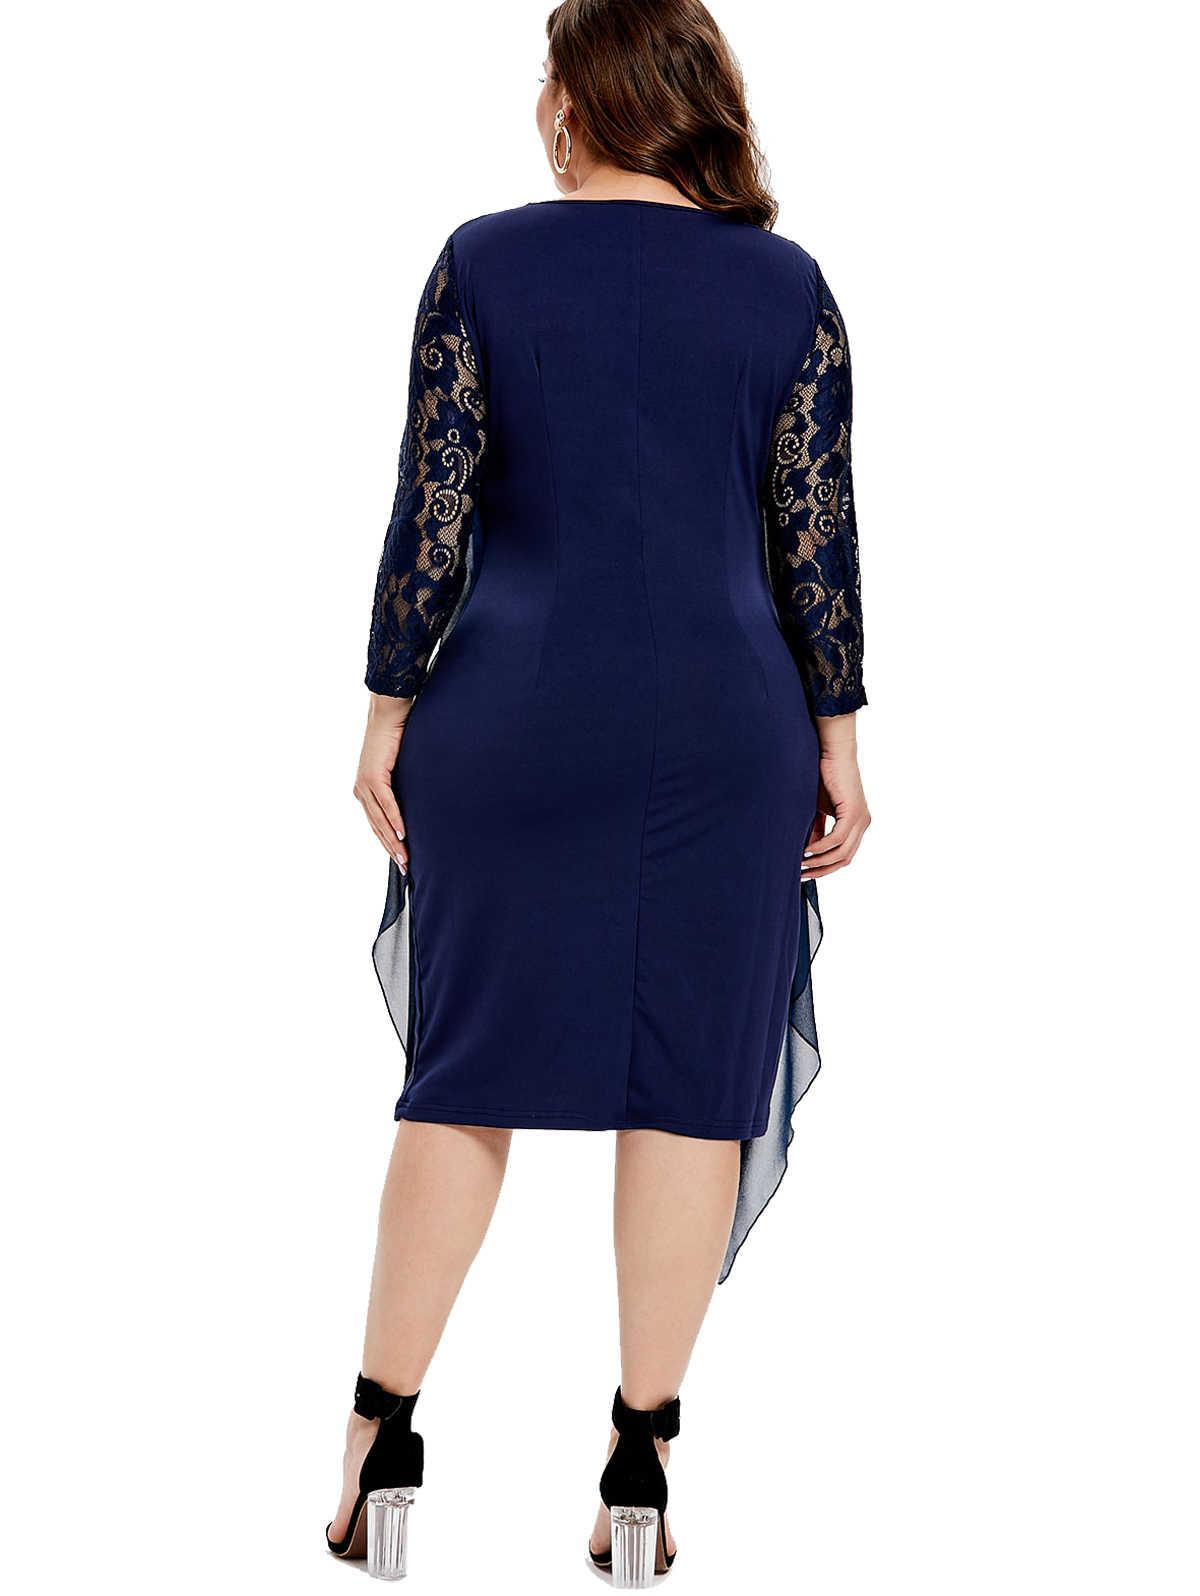 Wipalo размера плюс 6XL Стразы Украшенные три четверти кружевное платье с рукавом женское однотонное Кружевное Платье До Колена облегающее платье Vestidos